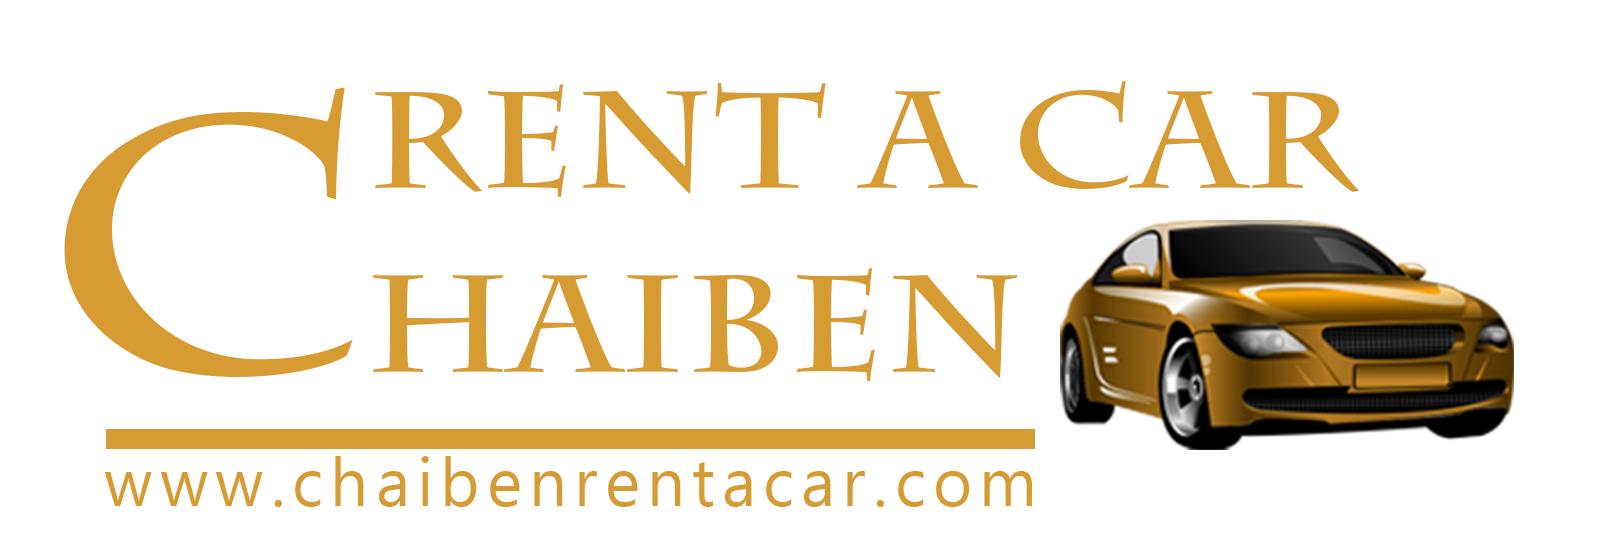 Agence de location de voitures en Tunisie